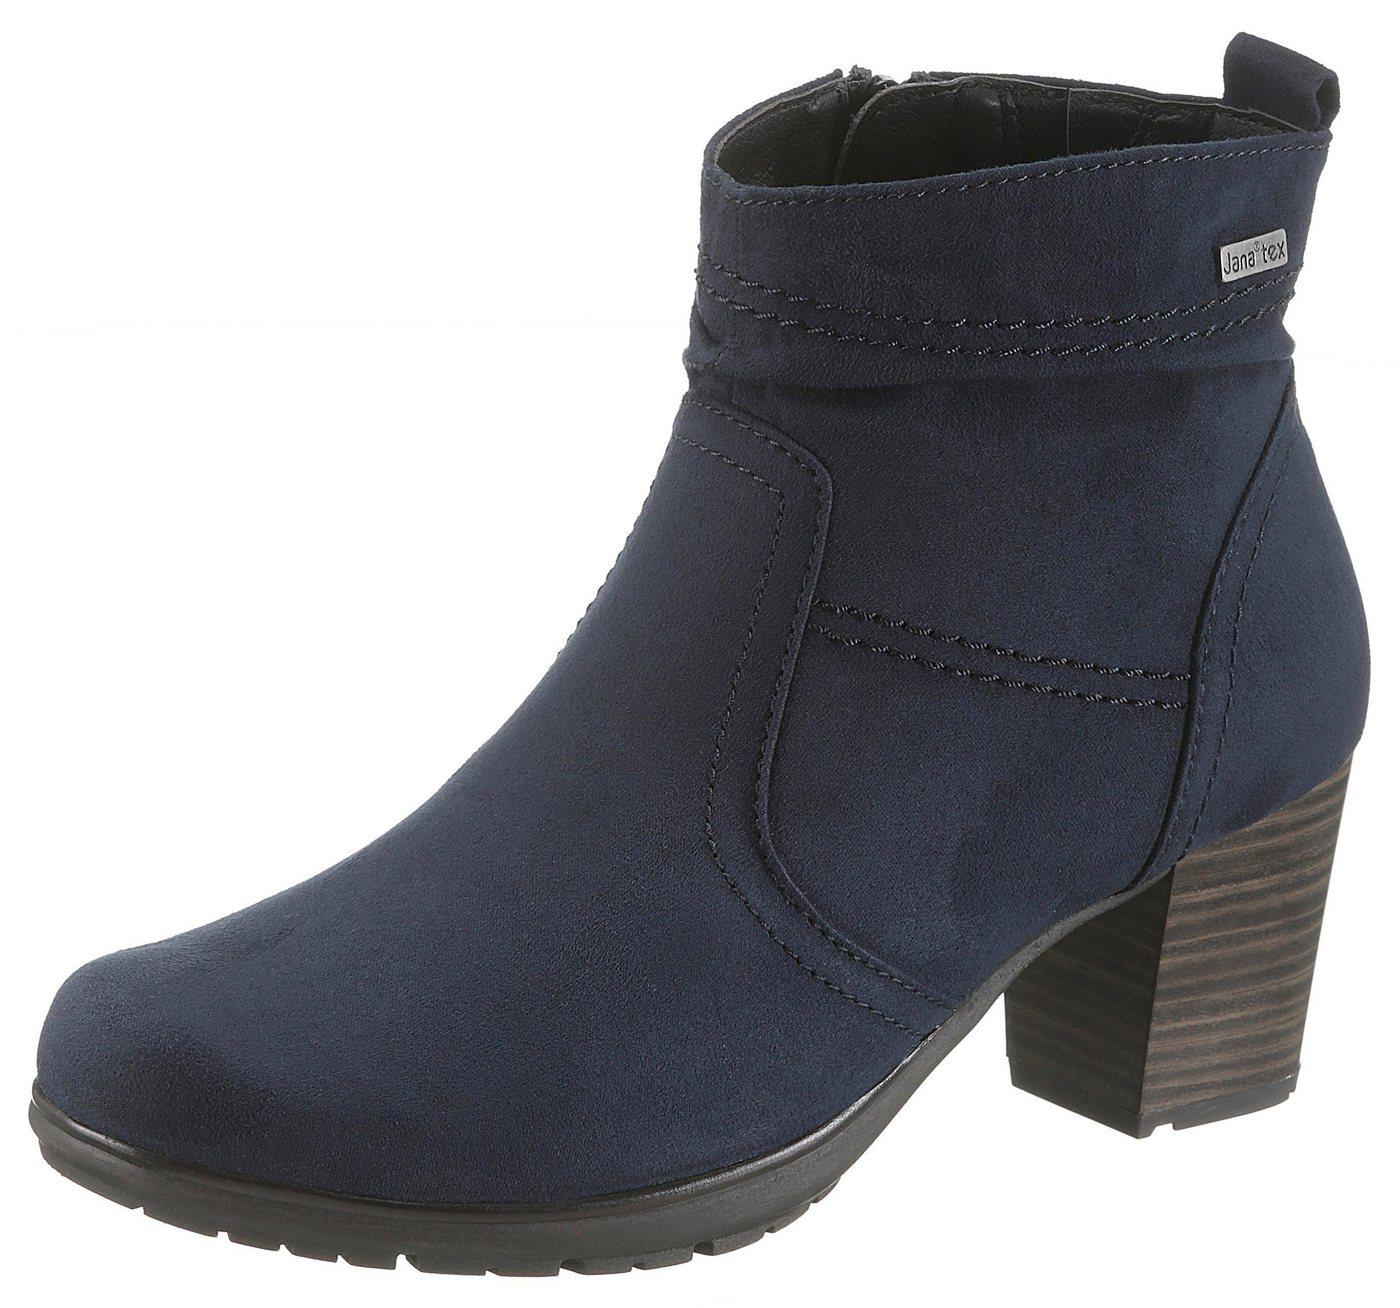 Damen Jana Winterstiefelette mit Jana-Tex und komfortabler Schuhweite G blau  Damen Stiefeletten